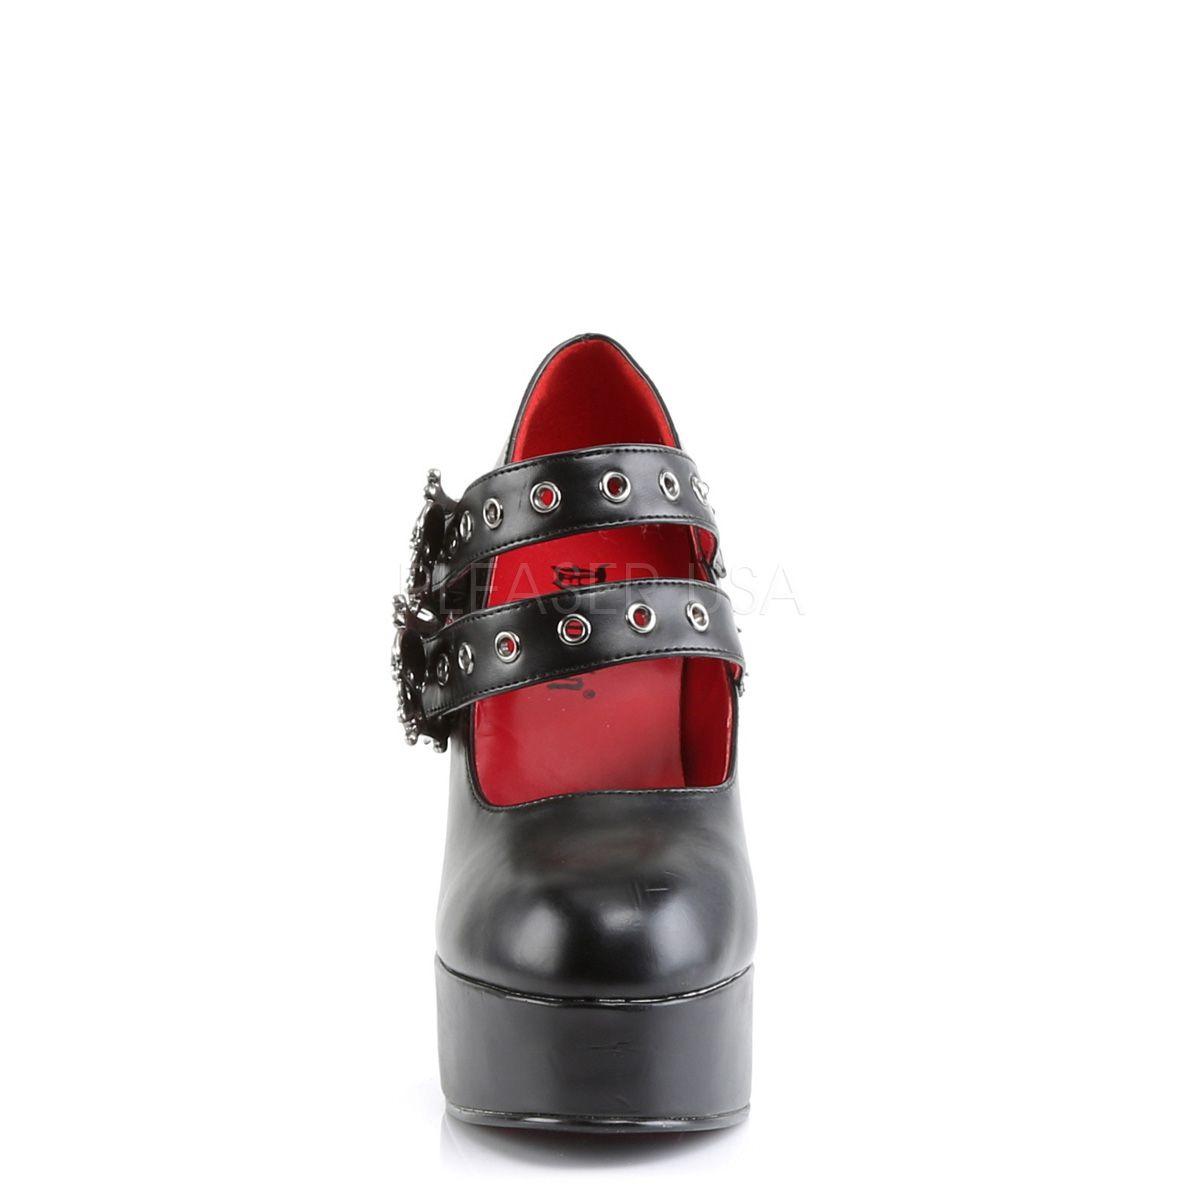 Sapato Demon 16 - Demonia (encomenda)